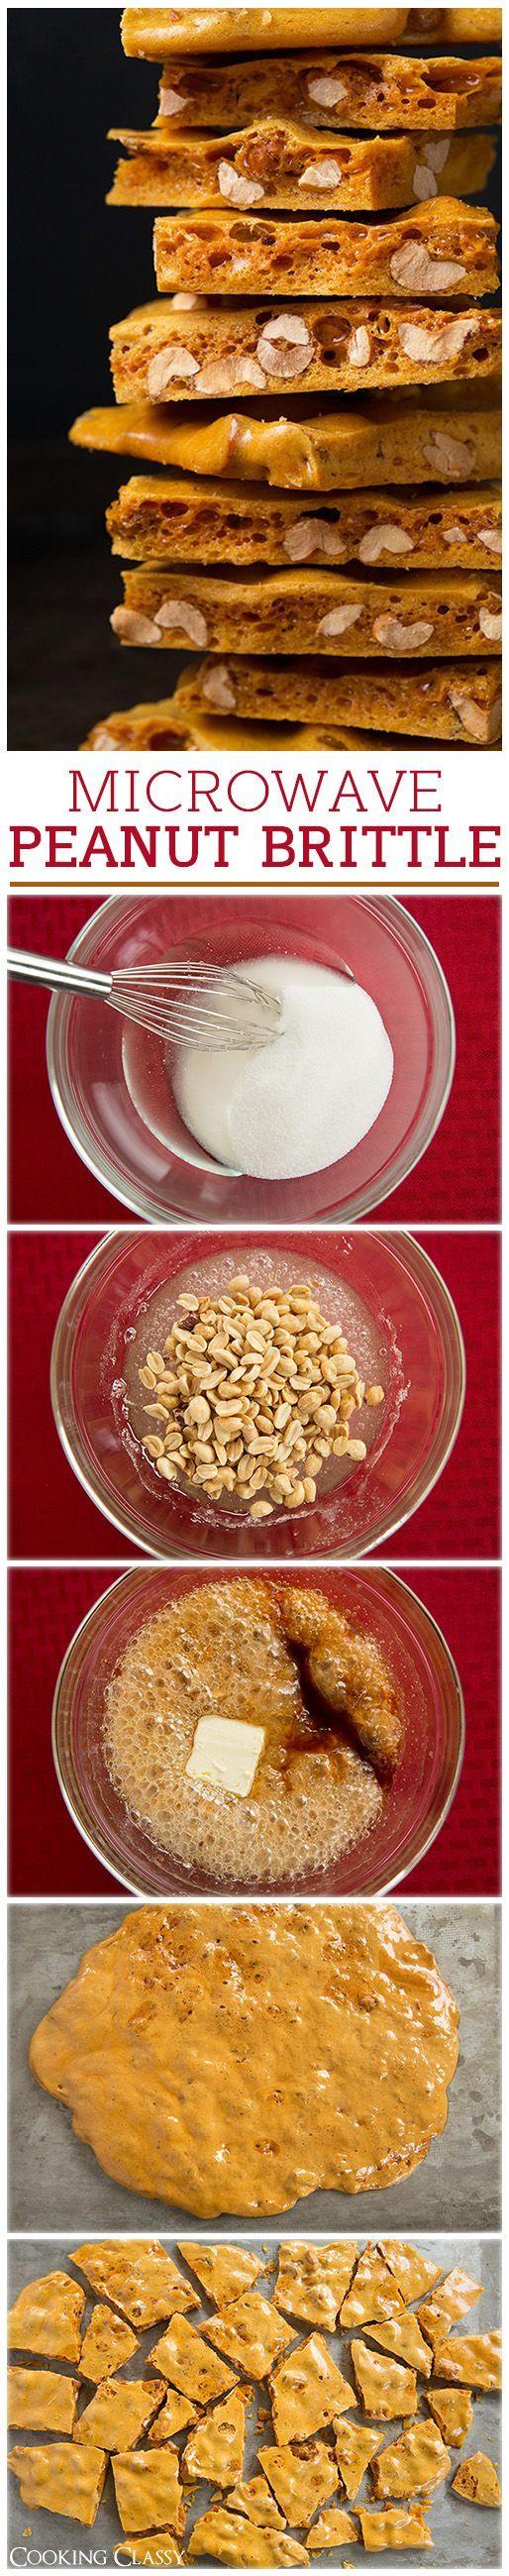 CROCANTE DE CACAHUATE Mezcla 1 taza de cacahuates sin sal, 1/2 taza de jarabe de maíz light, 1 cucharada de bicarbonato de soda, 1 taza de azúcar granulada, 1/4 cucharada de sal, 1 cucharada de extracto de vainilla y 1 cucharada de mantequilla. Mete la mezcla al microondas hasta que burbujee y déjala secar hasta que se endurezca.: